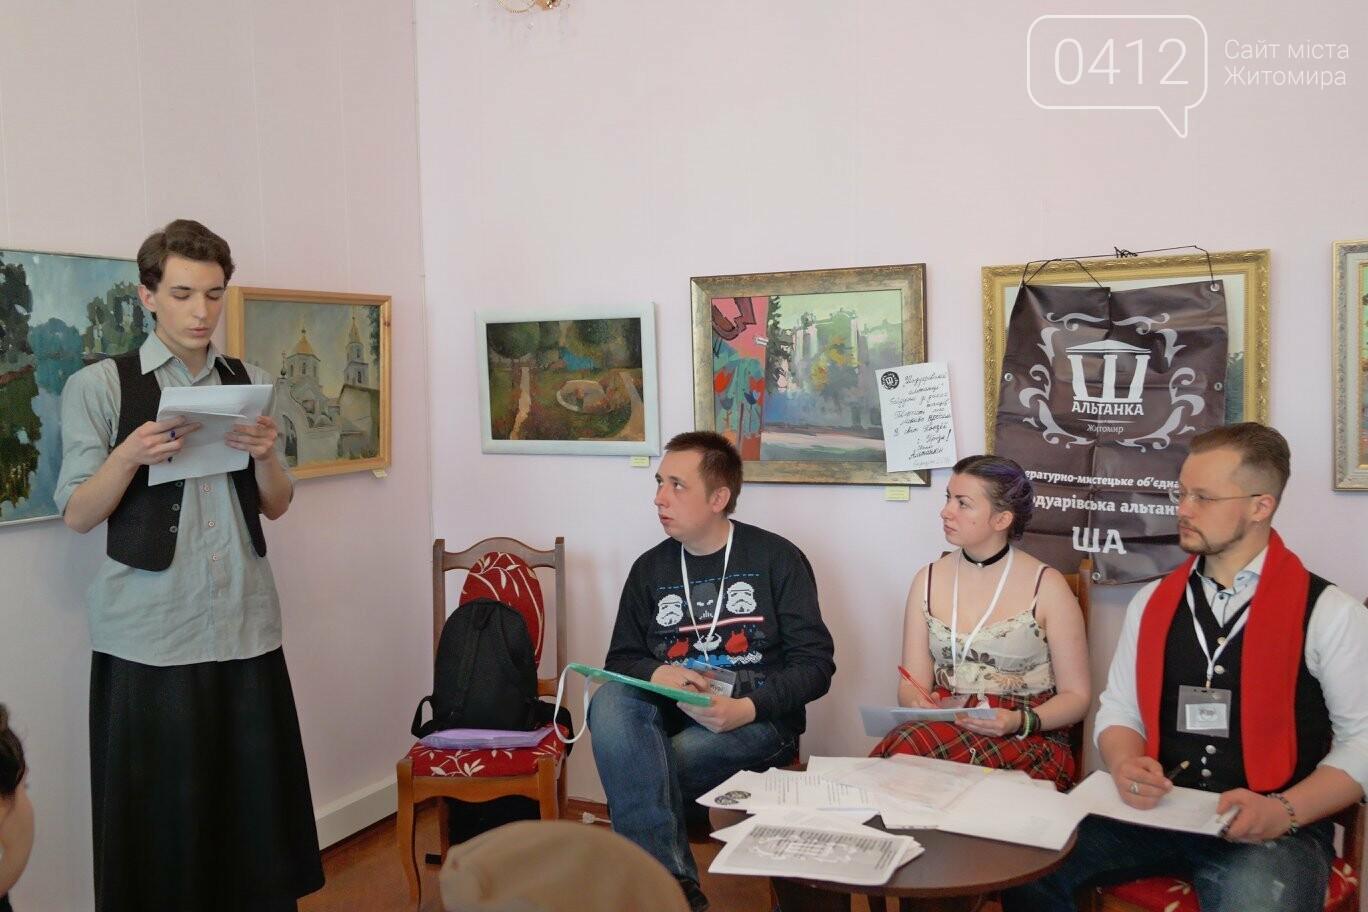 У Житомирі пройшов Всеукраїнський Літературний фестиваль «Шодуарівська Альтанка», фото-5